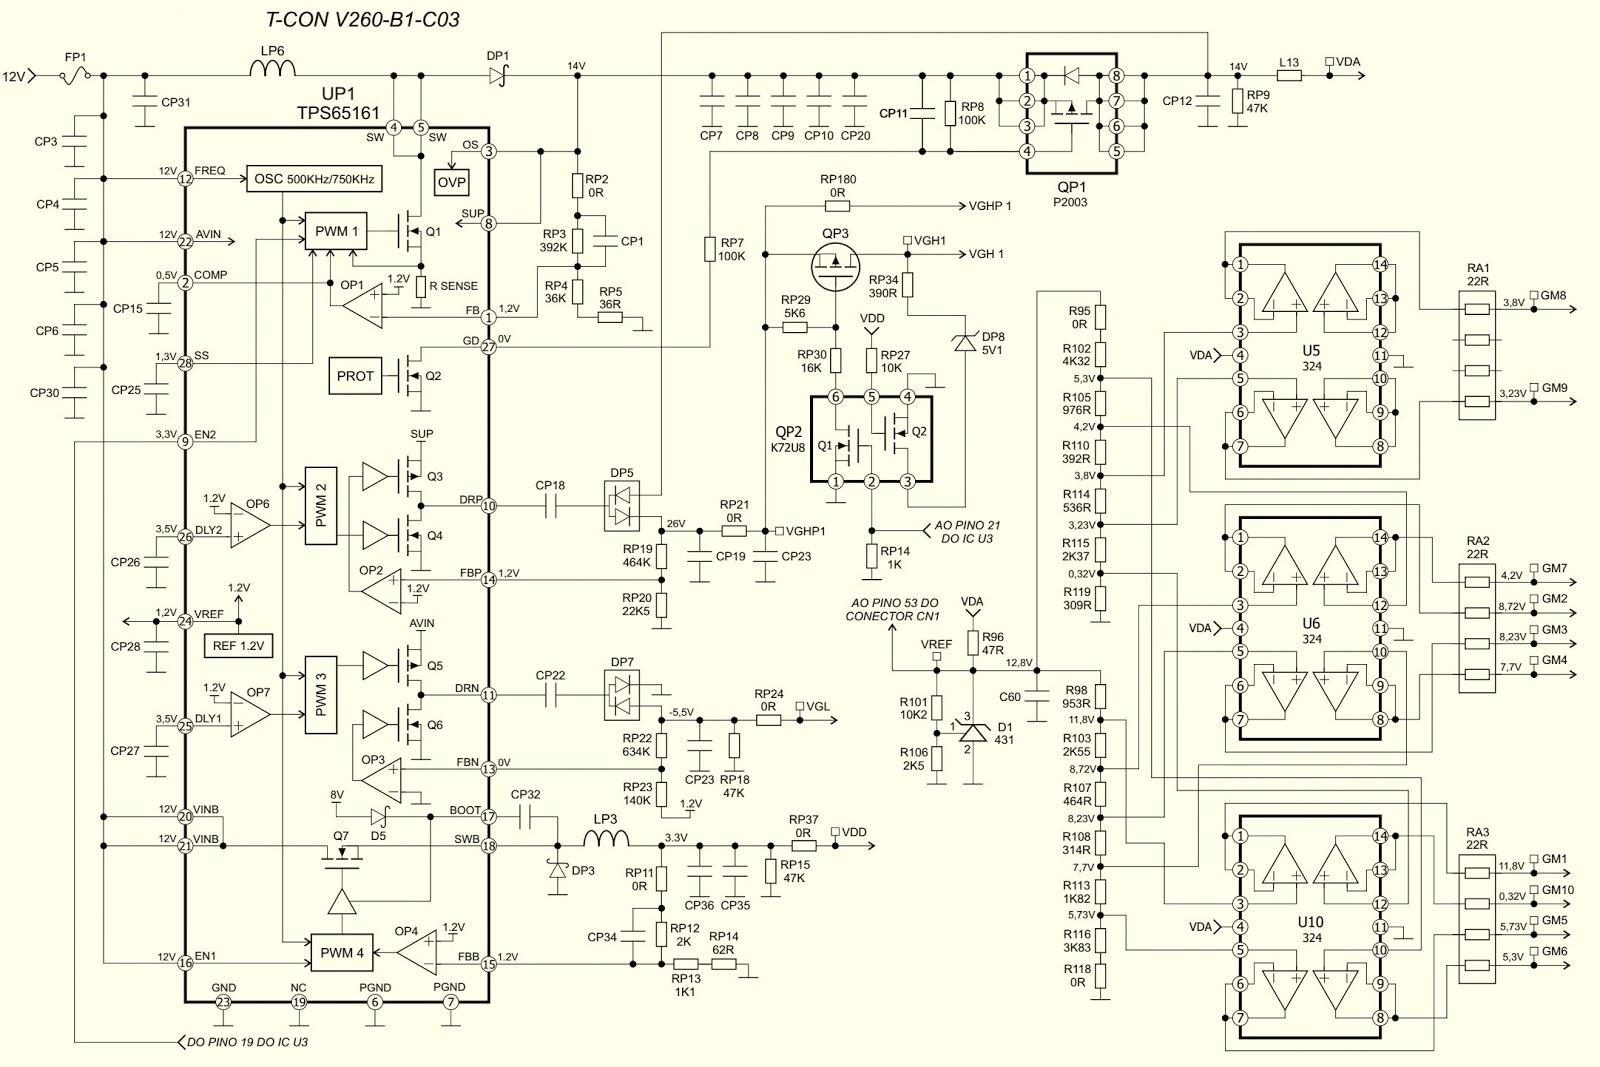 t con board block diagram wiring diagram rh 80 ludothek worb ch for samsung  tv t-con board bad t-con board